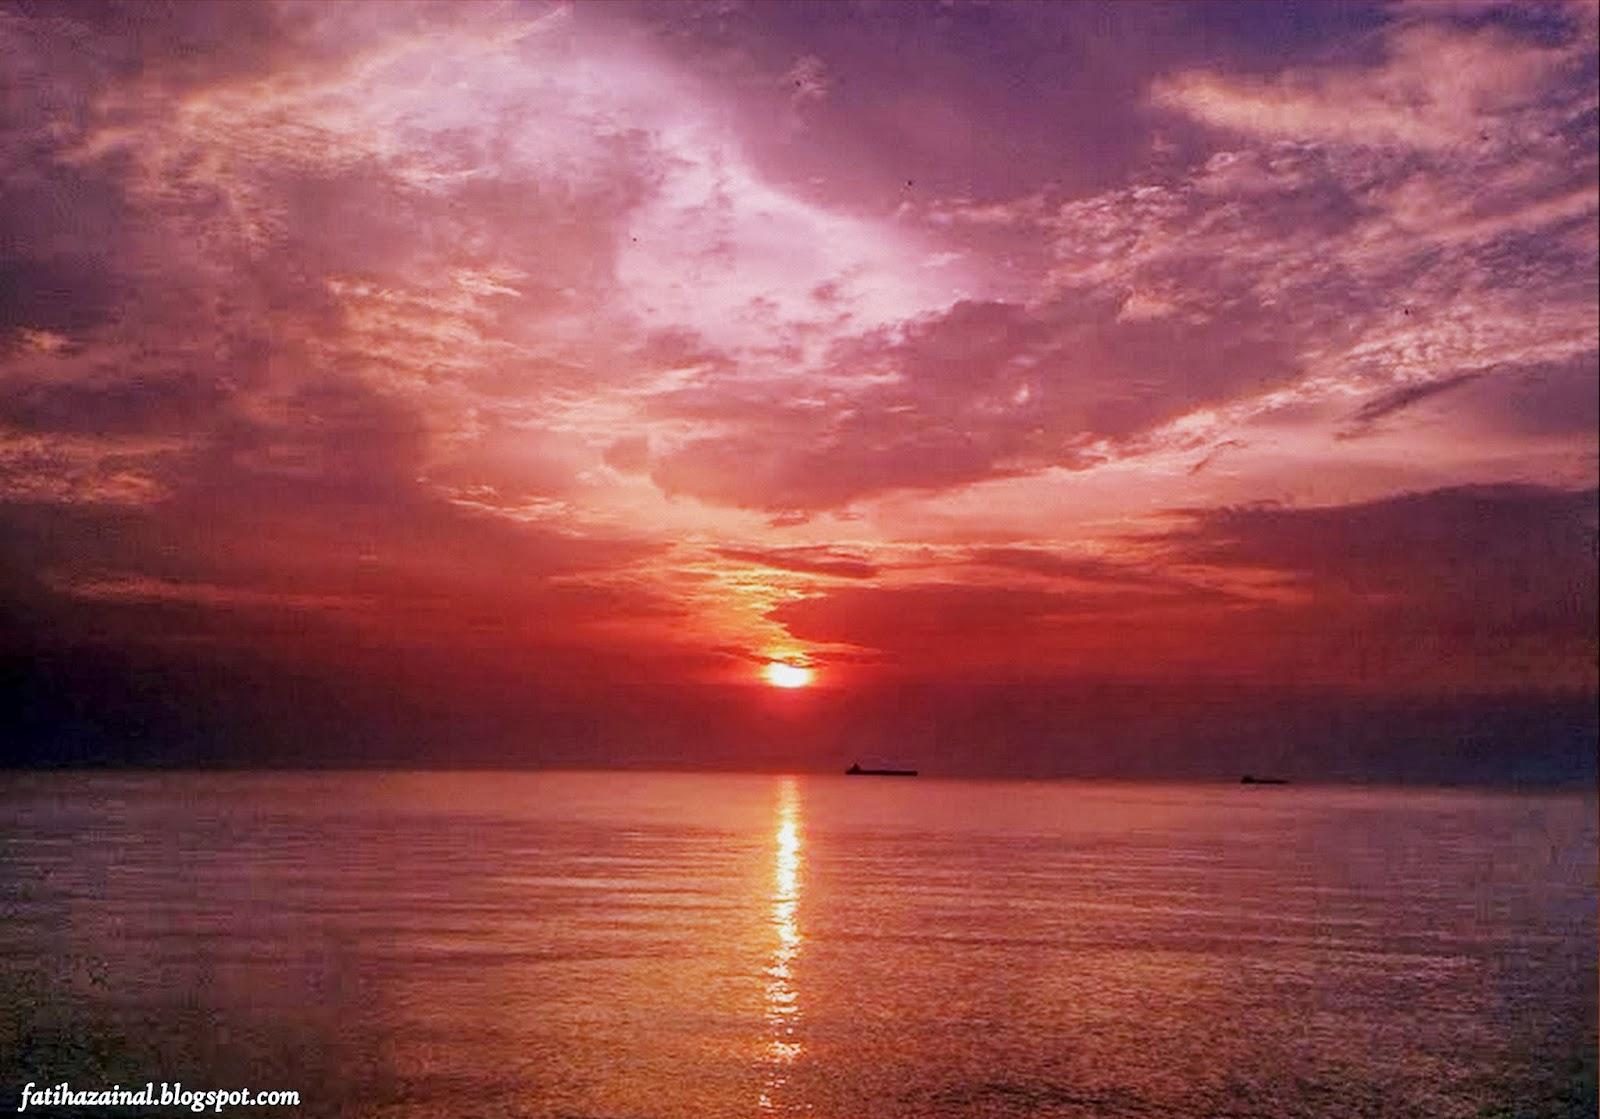 sunset , pantai pengkalan balak , fatiha zainal